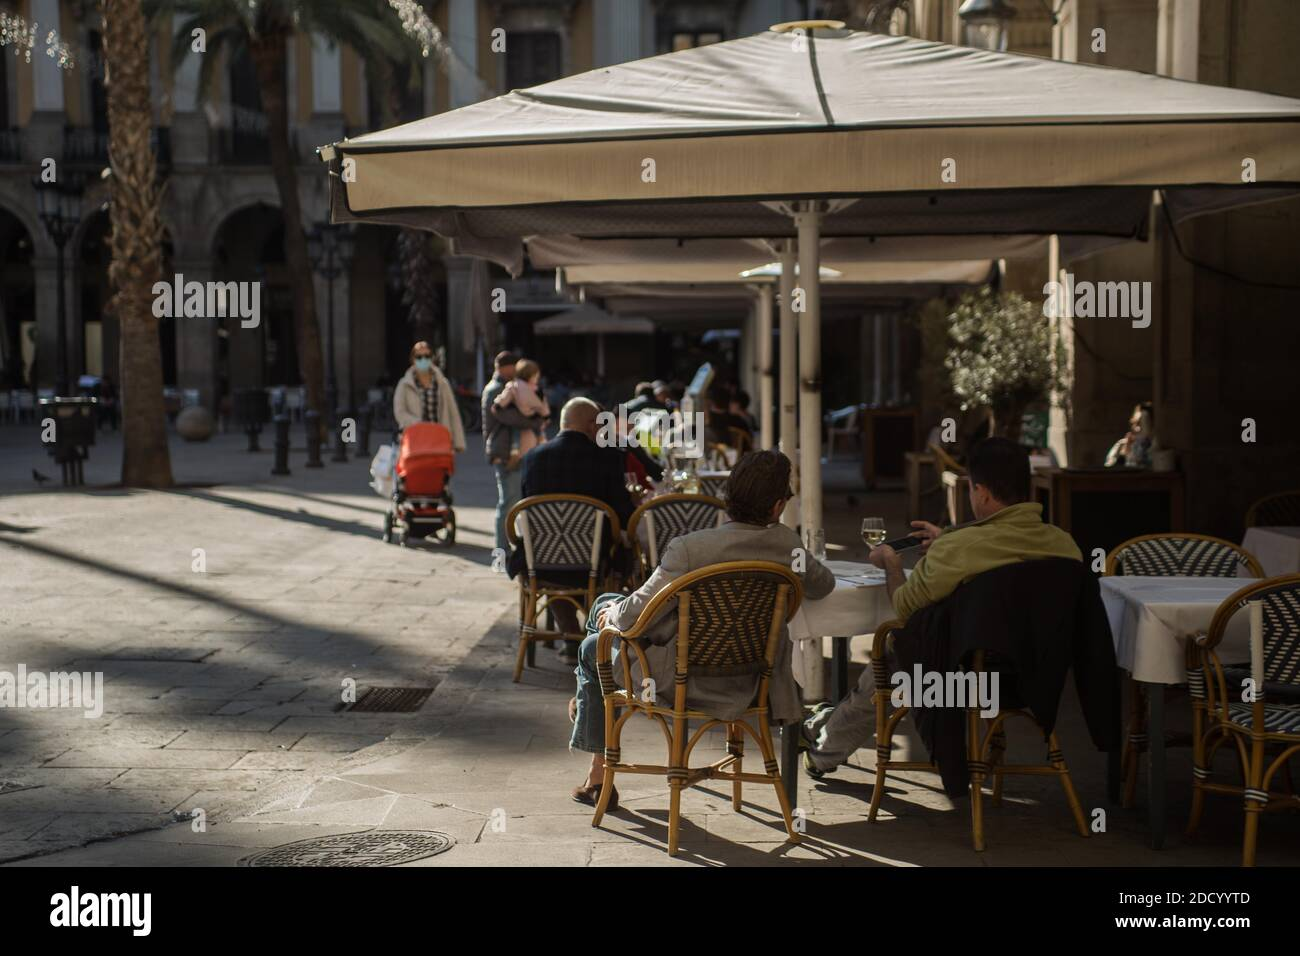 23 novembre 2020 : la Catalogne rouvre le lundi 23 novembre, les bars et restaurants sont fermés après plus d'un mois en raison des mesures de restriction du coronavirus. Credit: Thiago Prudencio/DAX/ZUMA Wire/Alay Live News Banque D'Images